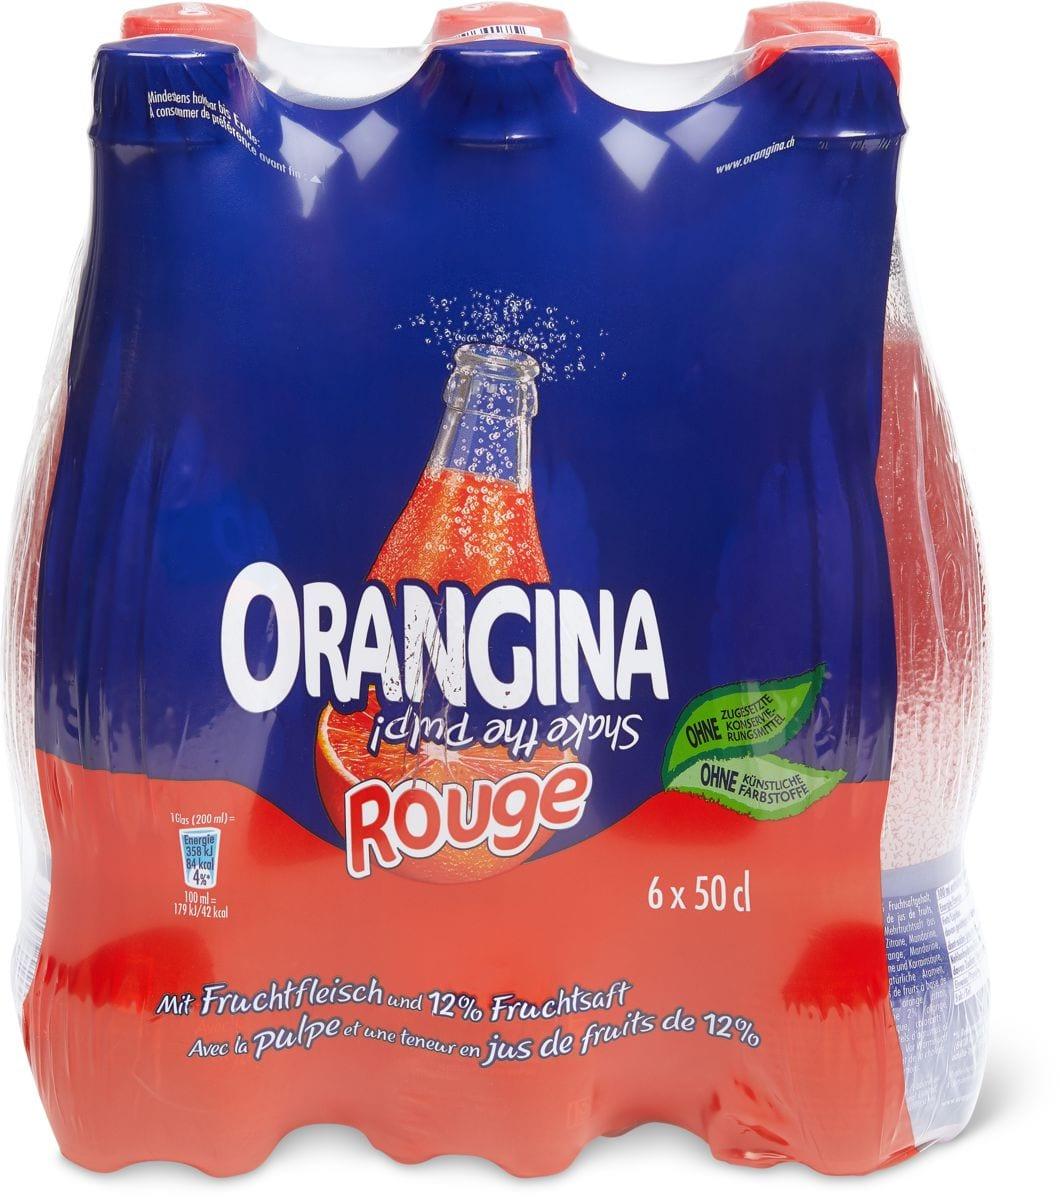 Orangina Rouge